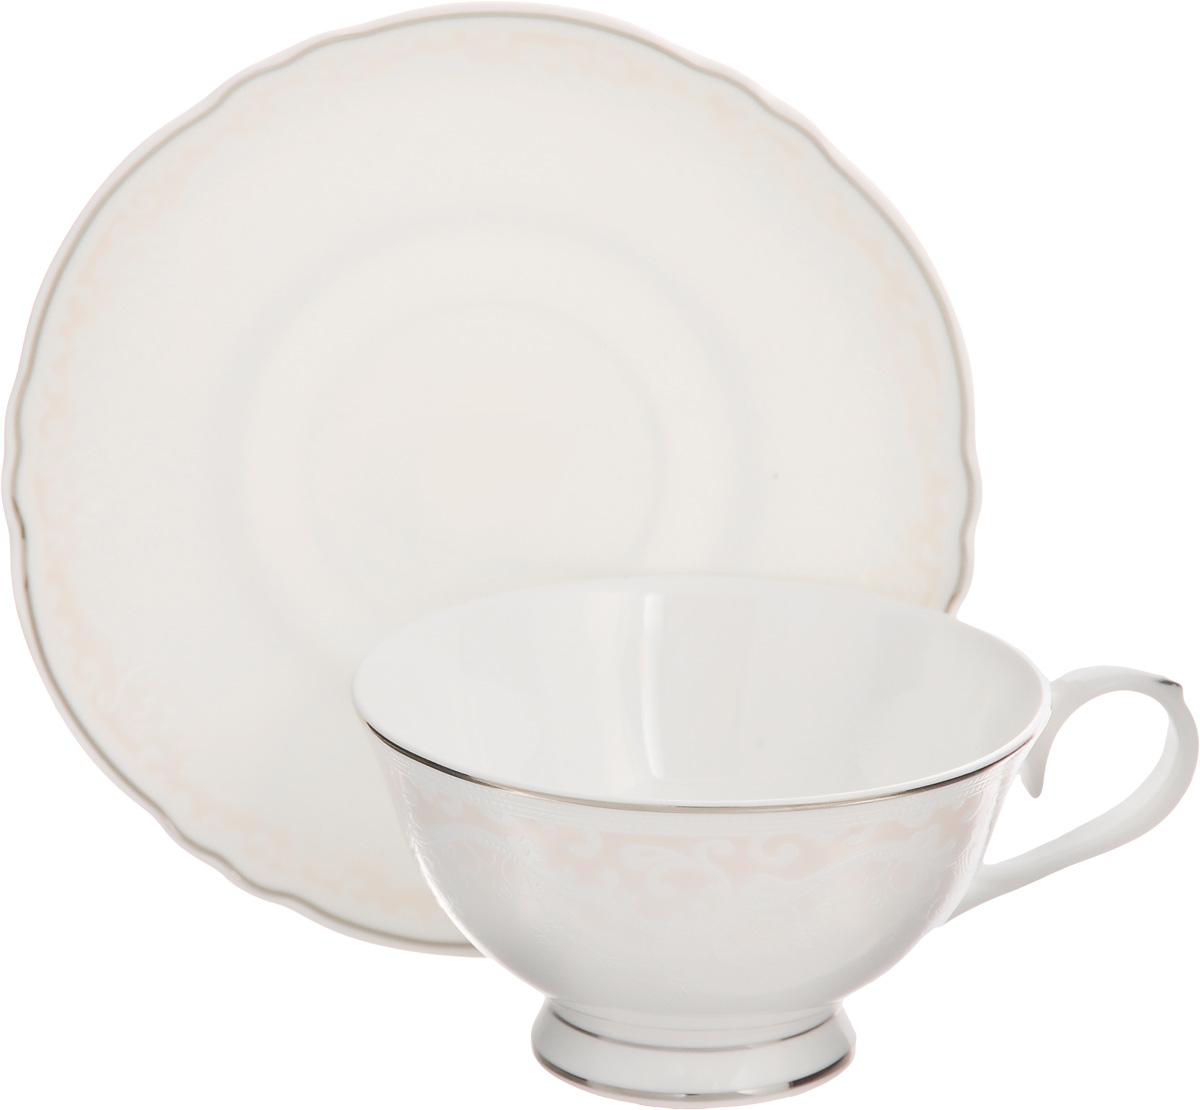 Чайная пара Elan Gallery Розовый шик, 220 мл, 2 предмета530027Чайная пара Elan Gallery Розовый шик состоит из чашки и блюдца,изготовленных из керамики высшего качества, отличающегося необыкновеннойпрочностью и небольшим весом. Яркий дизайн, несомненно, придется вам повкусу.Чайная пара Elan Gallery Розовый шик украсит ваш кухонный стол, атакже станет замечательным подарком к любому празднику.Не рекомендуется применять абразивные моющие средства. Не использовать вмикроволновой печи.Объем чашки: 220 мл.Диаметр чашки (по верхнему краю): 10,5 см.Высота чашки: 6 см.Диаметр блюдца: 15,5 см.Высота блюдца: 1,5 см.